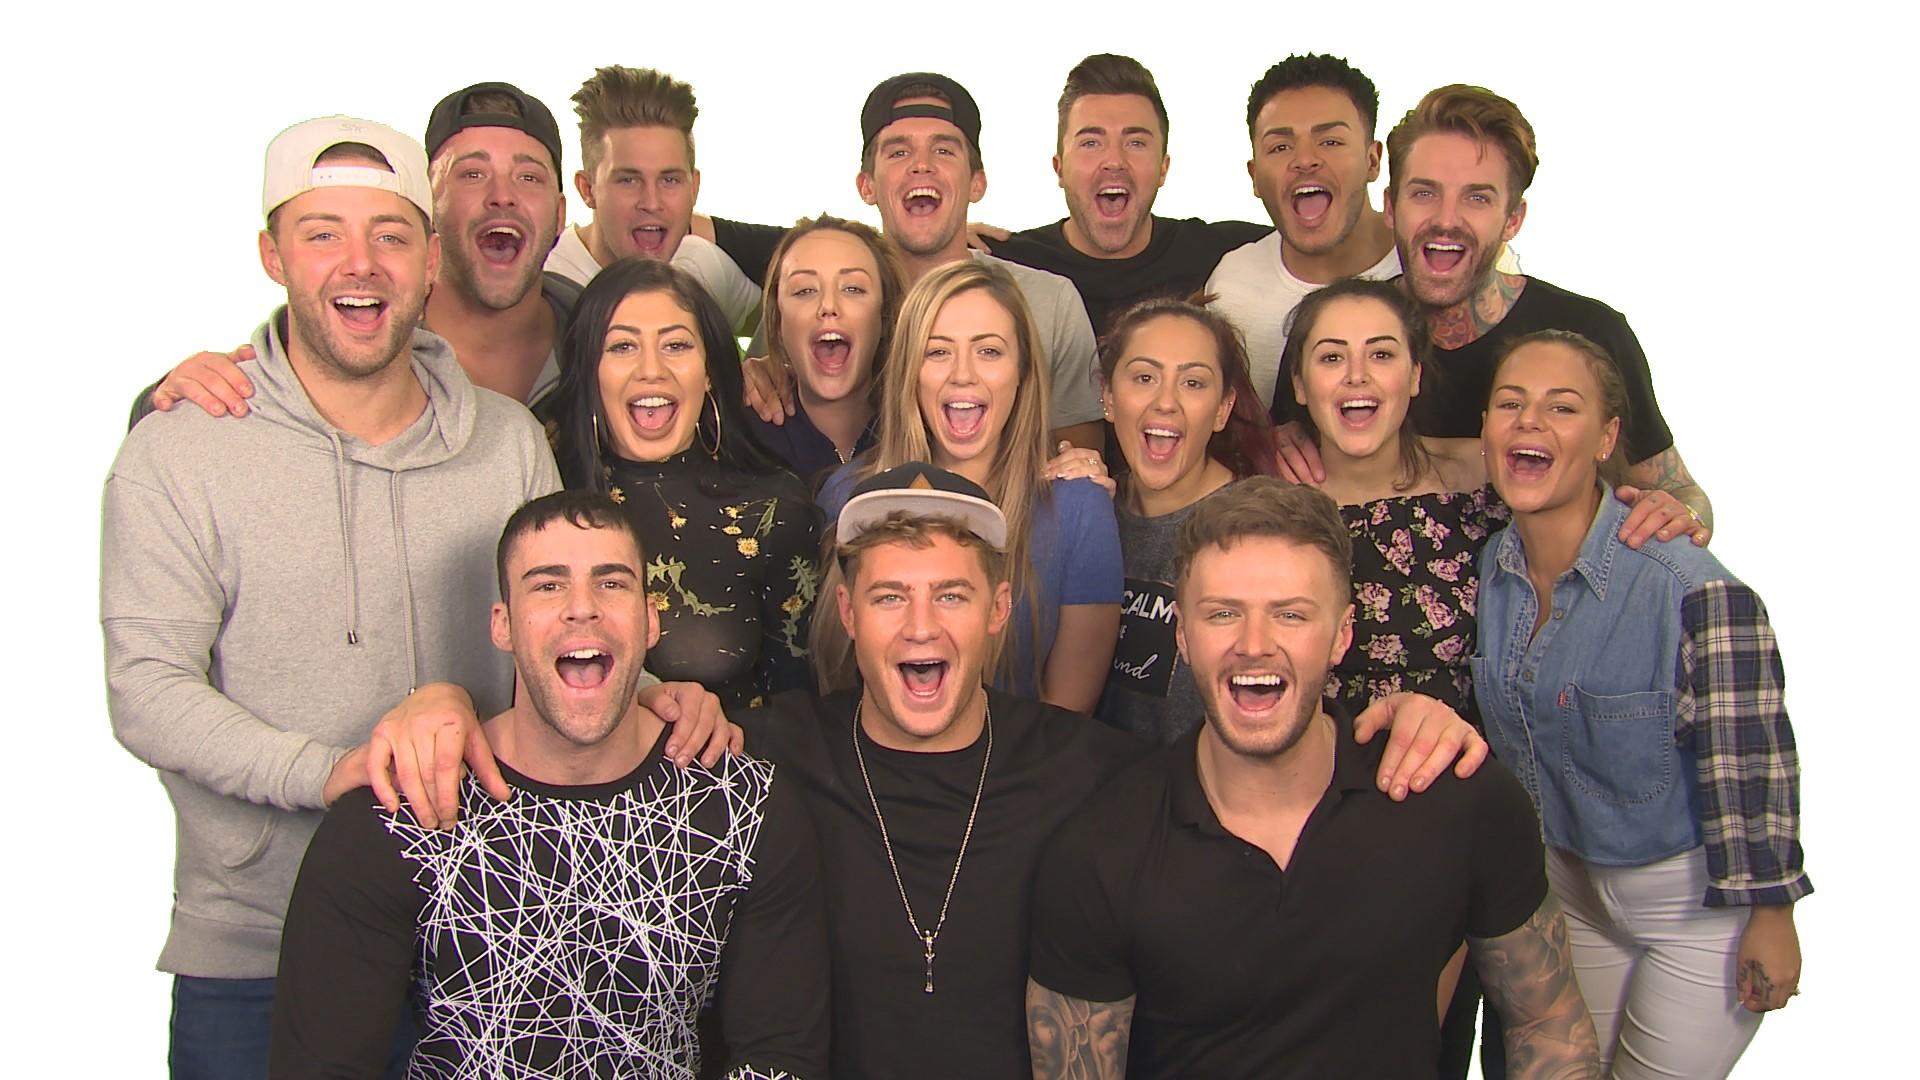 Image of Geordie Shore cast